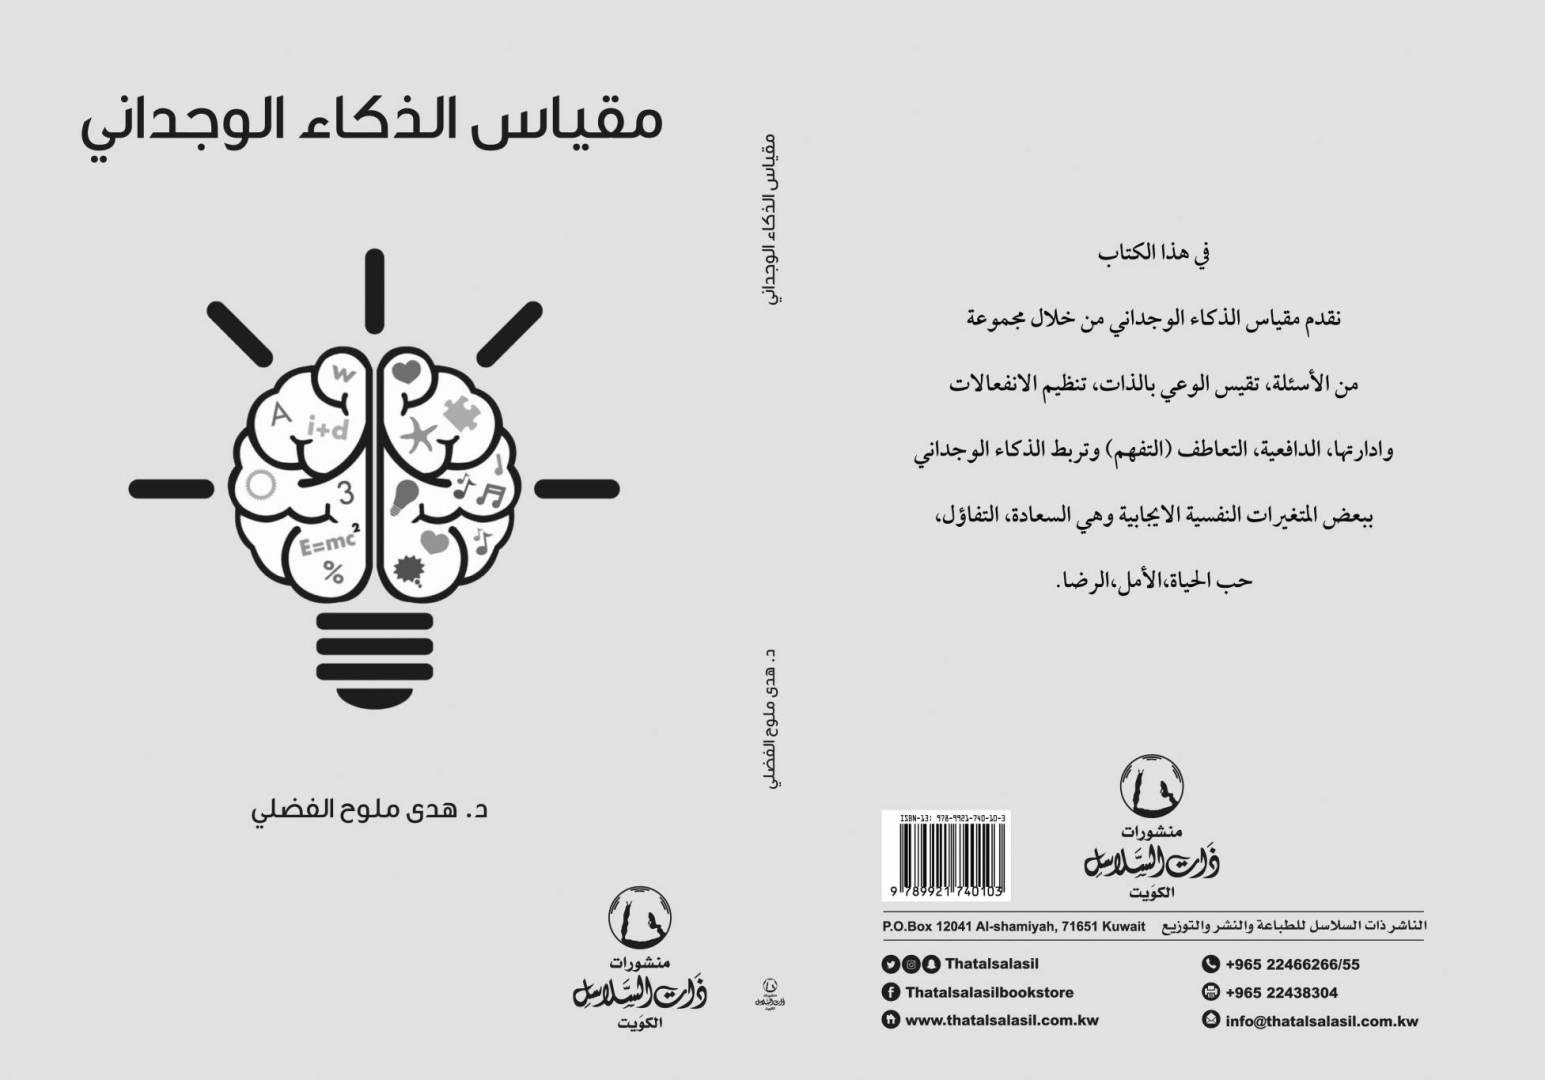 غلاف كتاب «مقياس الذكاء الوجداني»